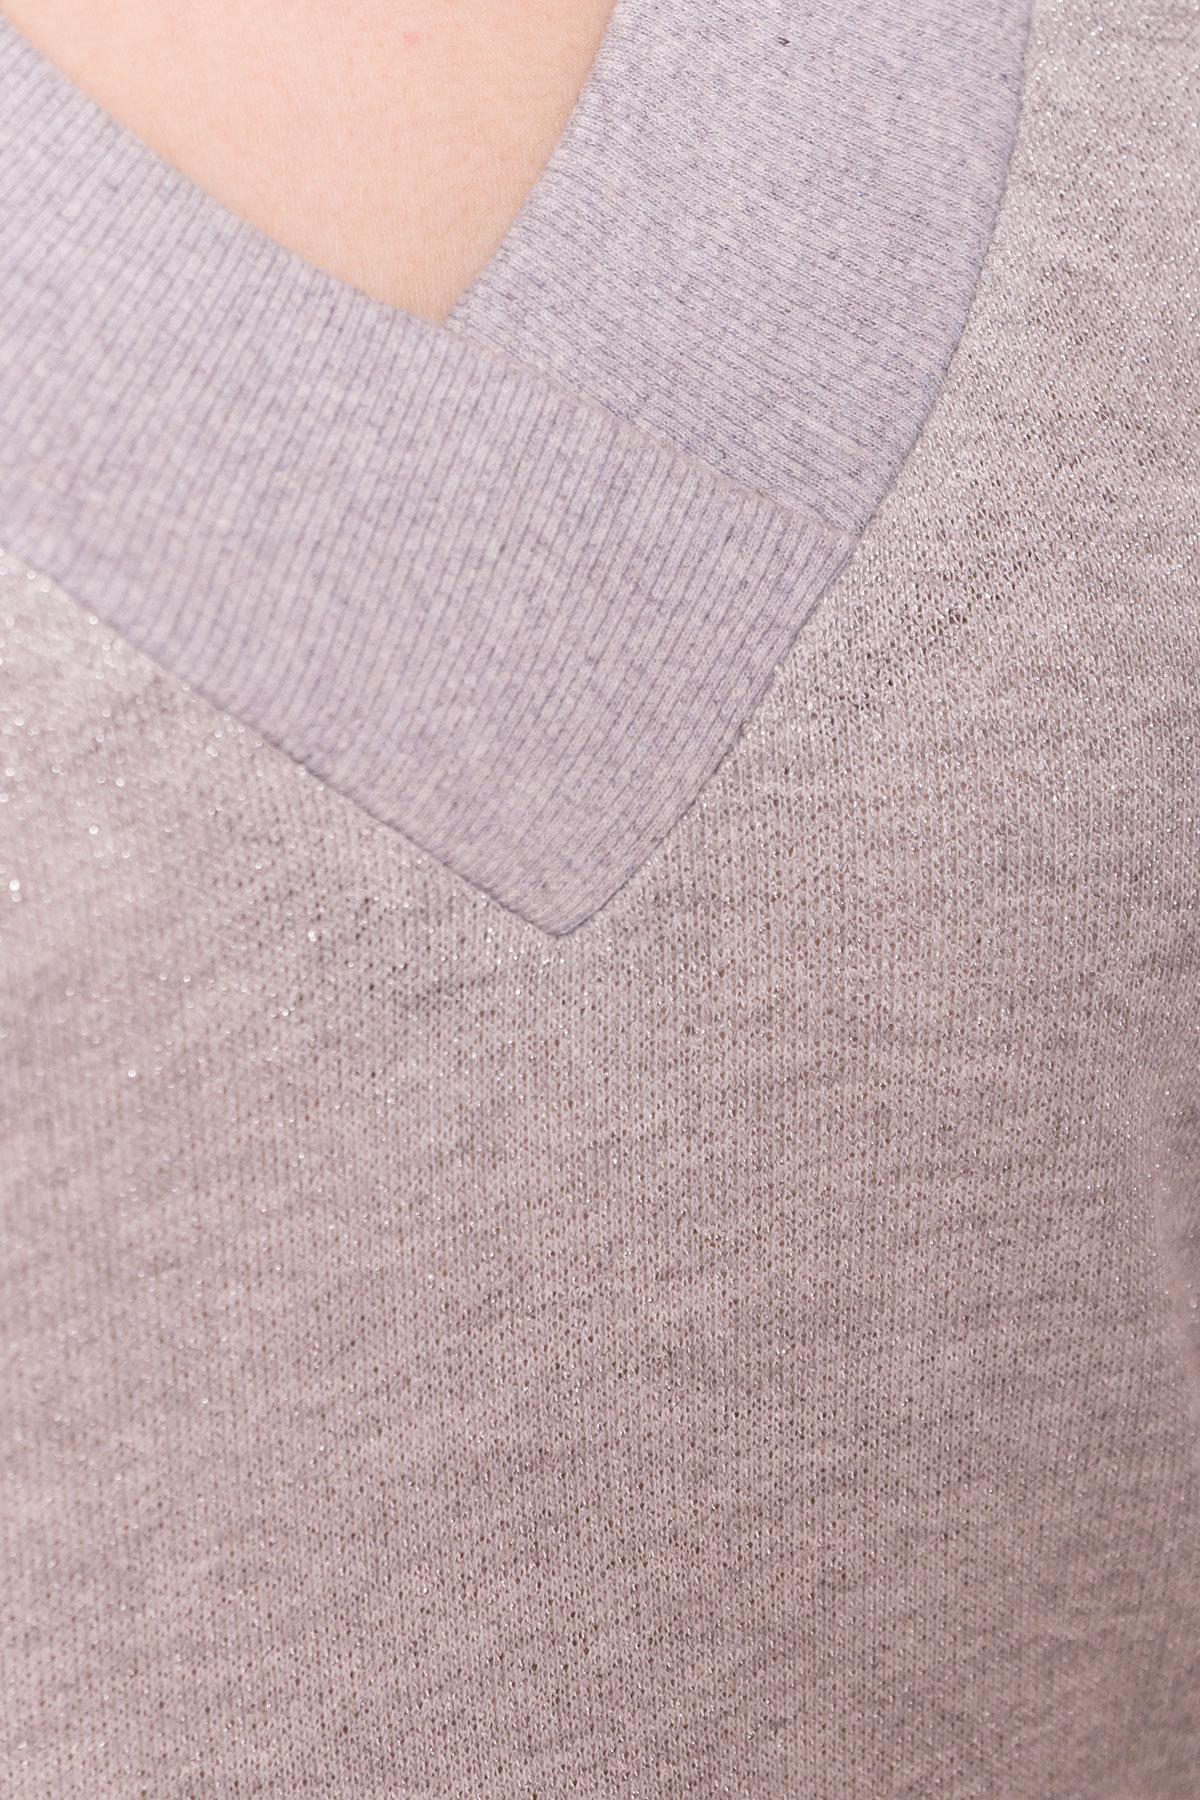 Костюм Тони 6731 Цвет: Серый Светлый